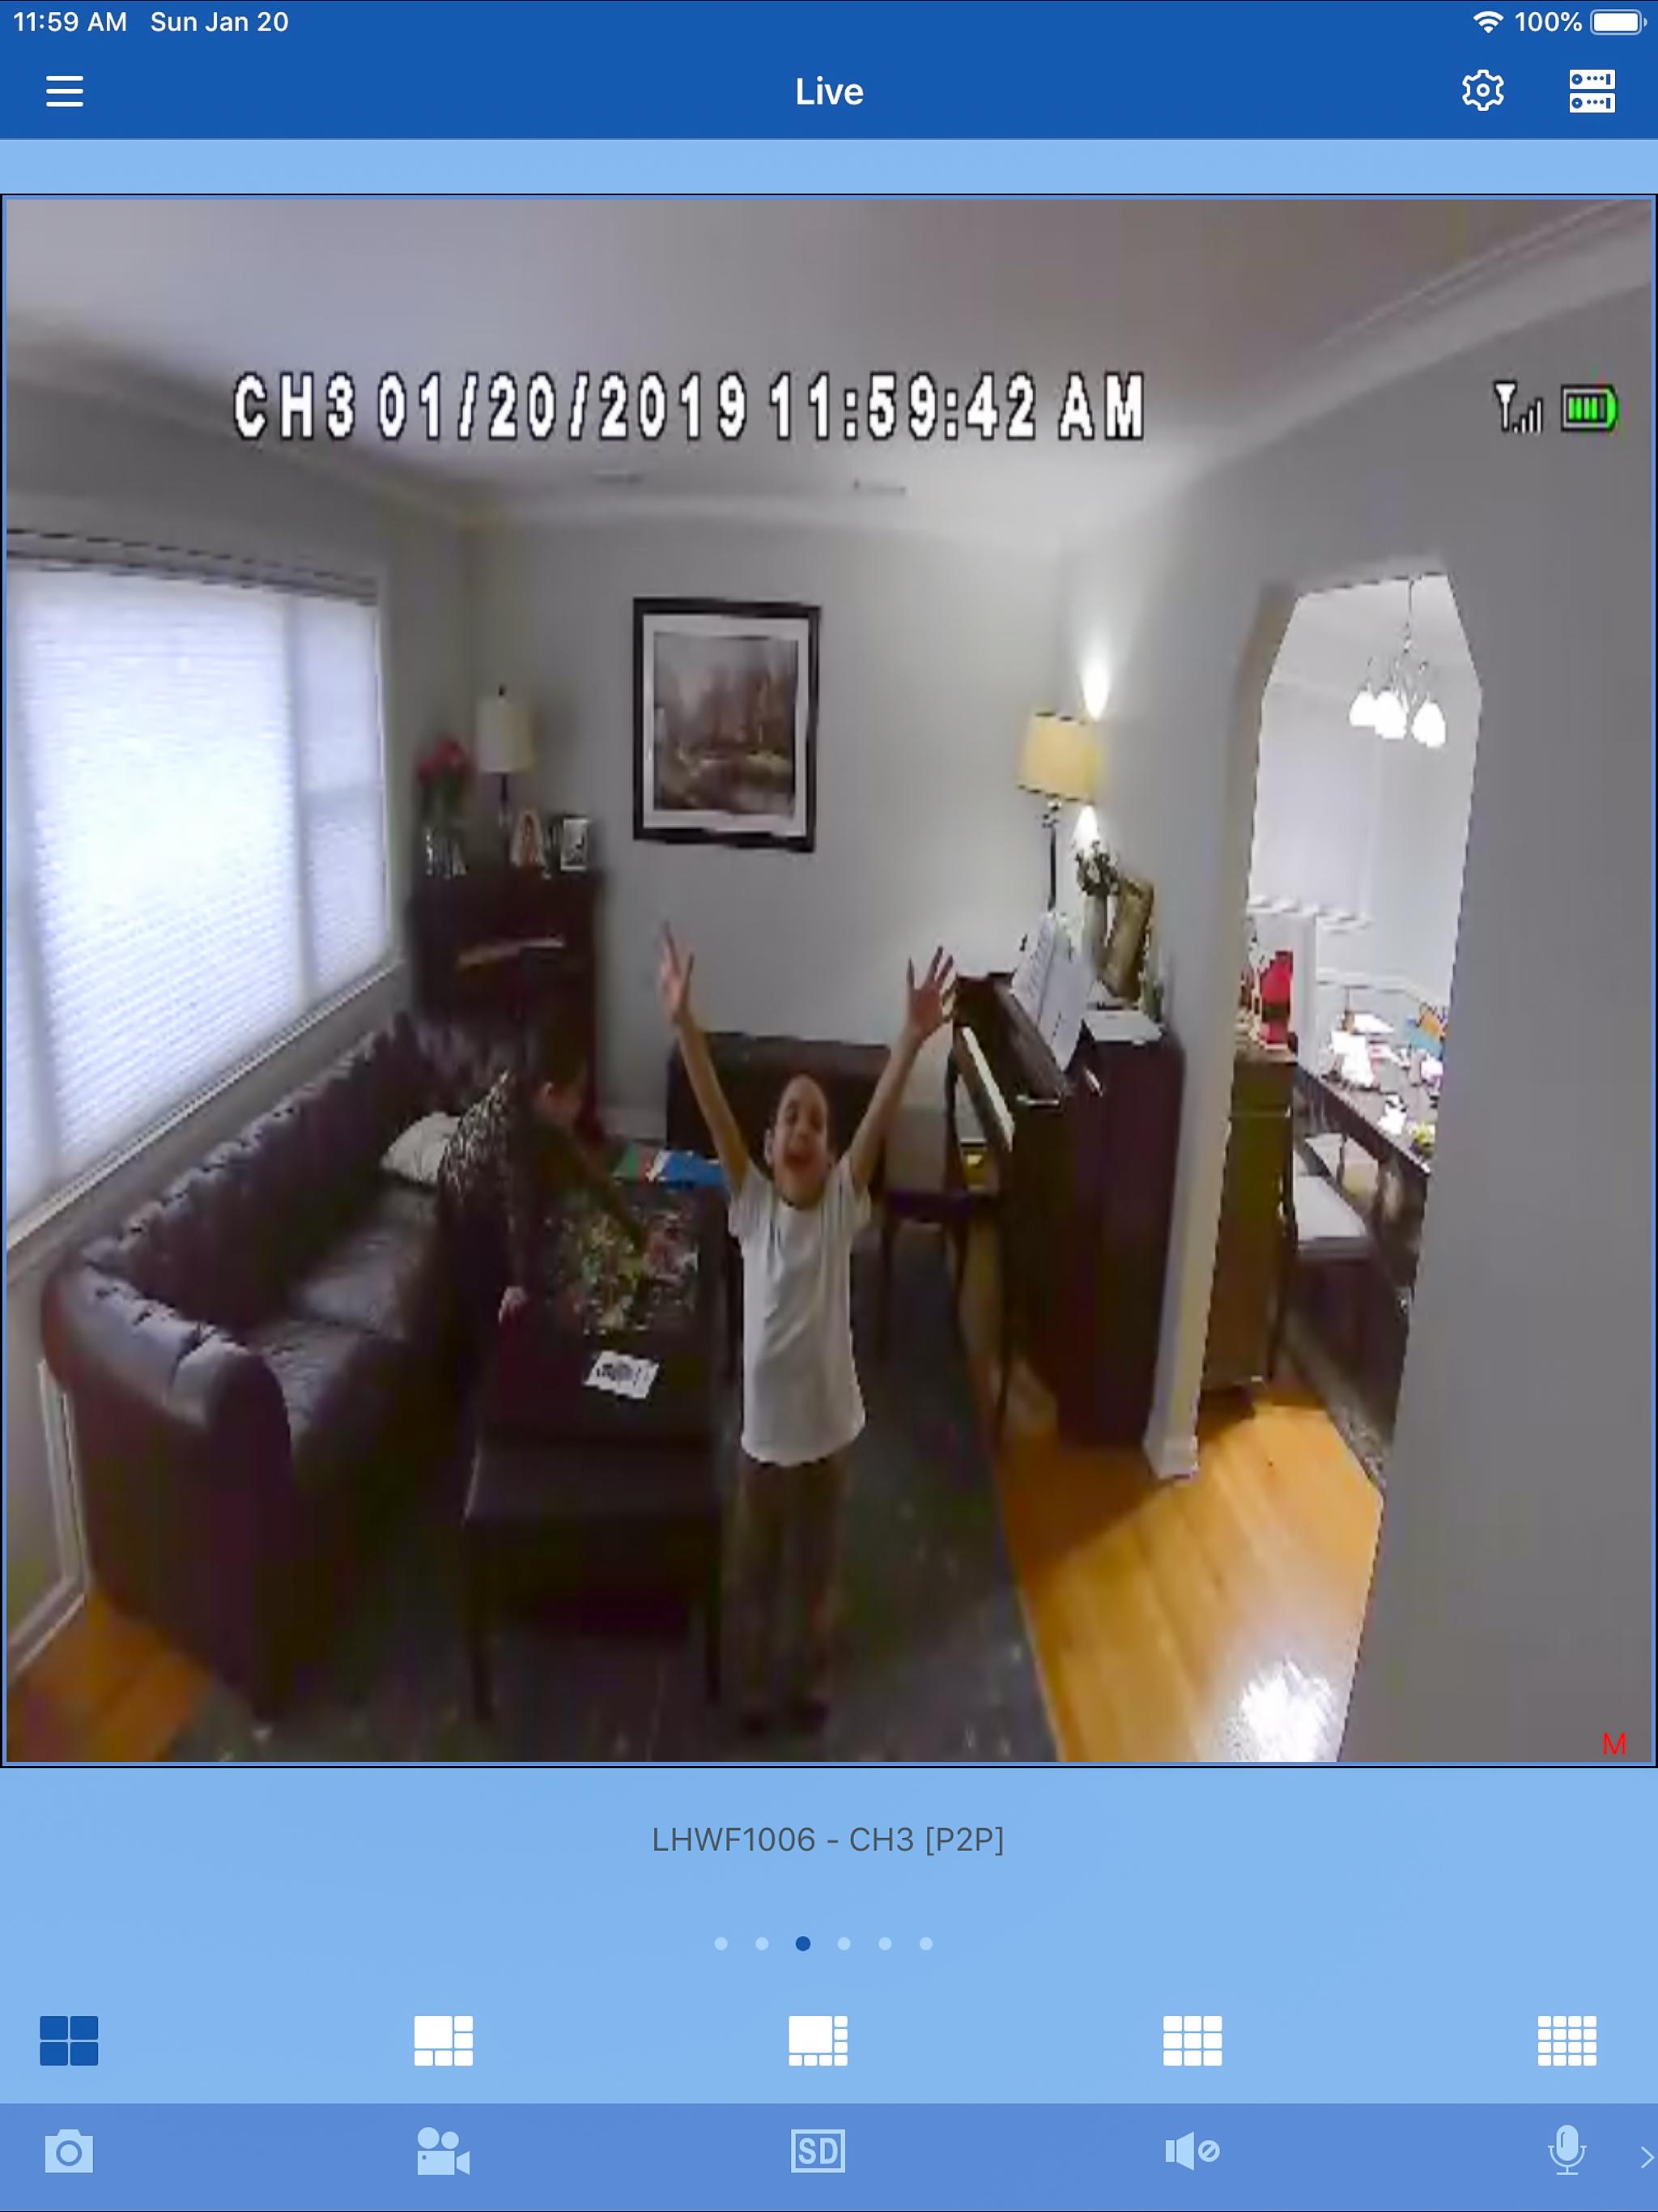 Lorex Camera System indoors